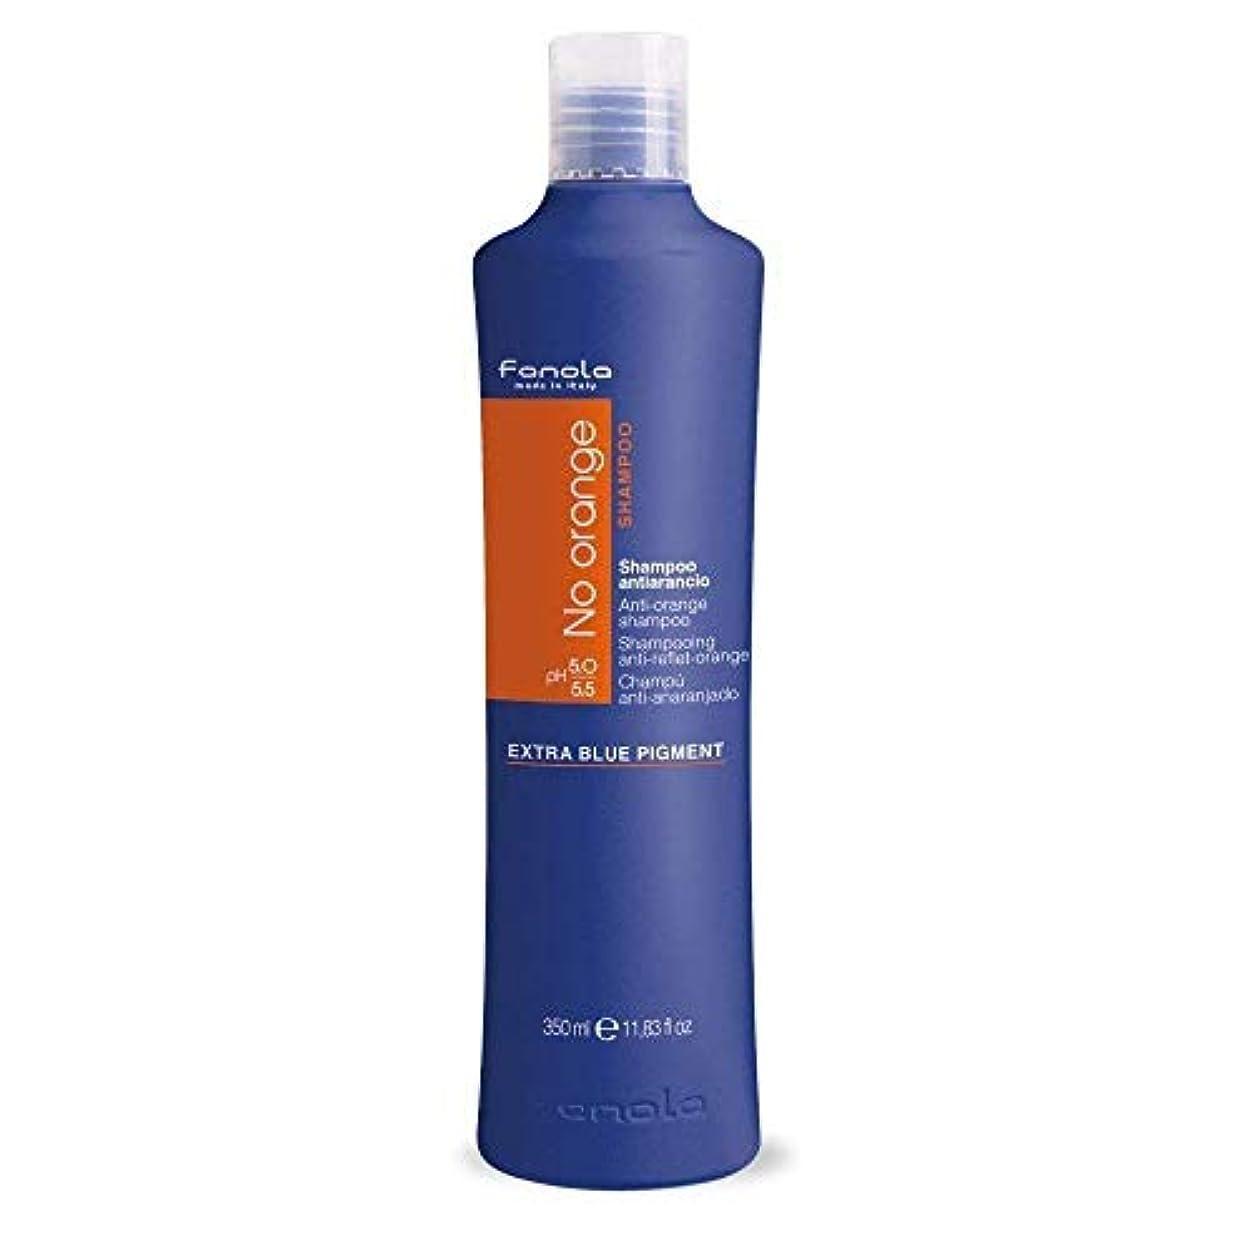 本当に衝突するモチーフFanola No Orange Shampoo 350 ml  青カラーシャンプー ノーオレンジ シャンプー 海外直送 [並行輸入品]